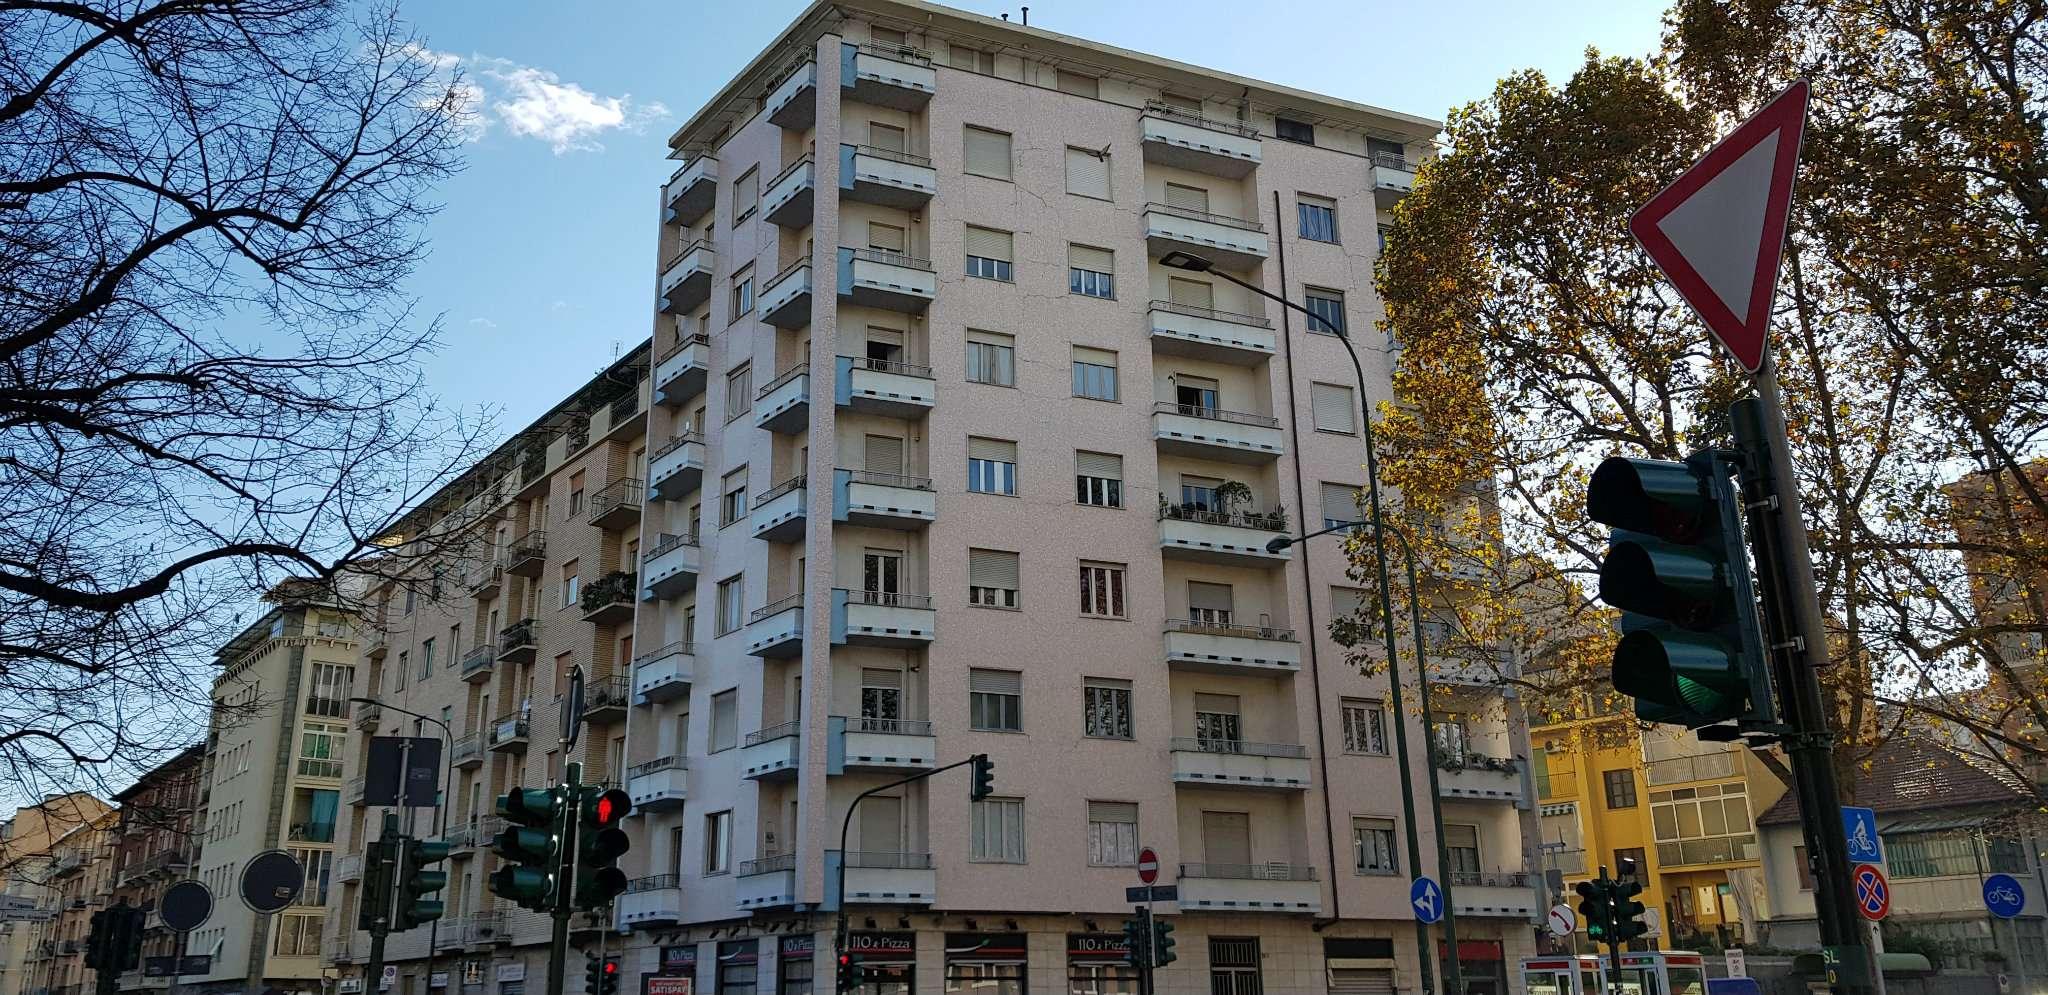 Vendita - Appartamento - Torino - PARELLA TRILOCALE PANORAMICO 120.000